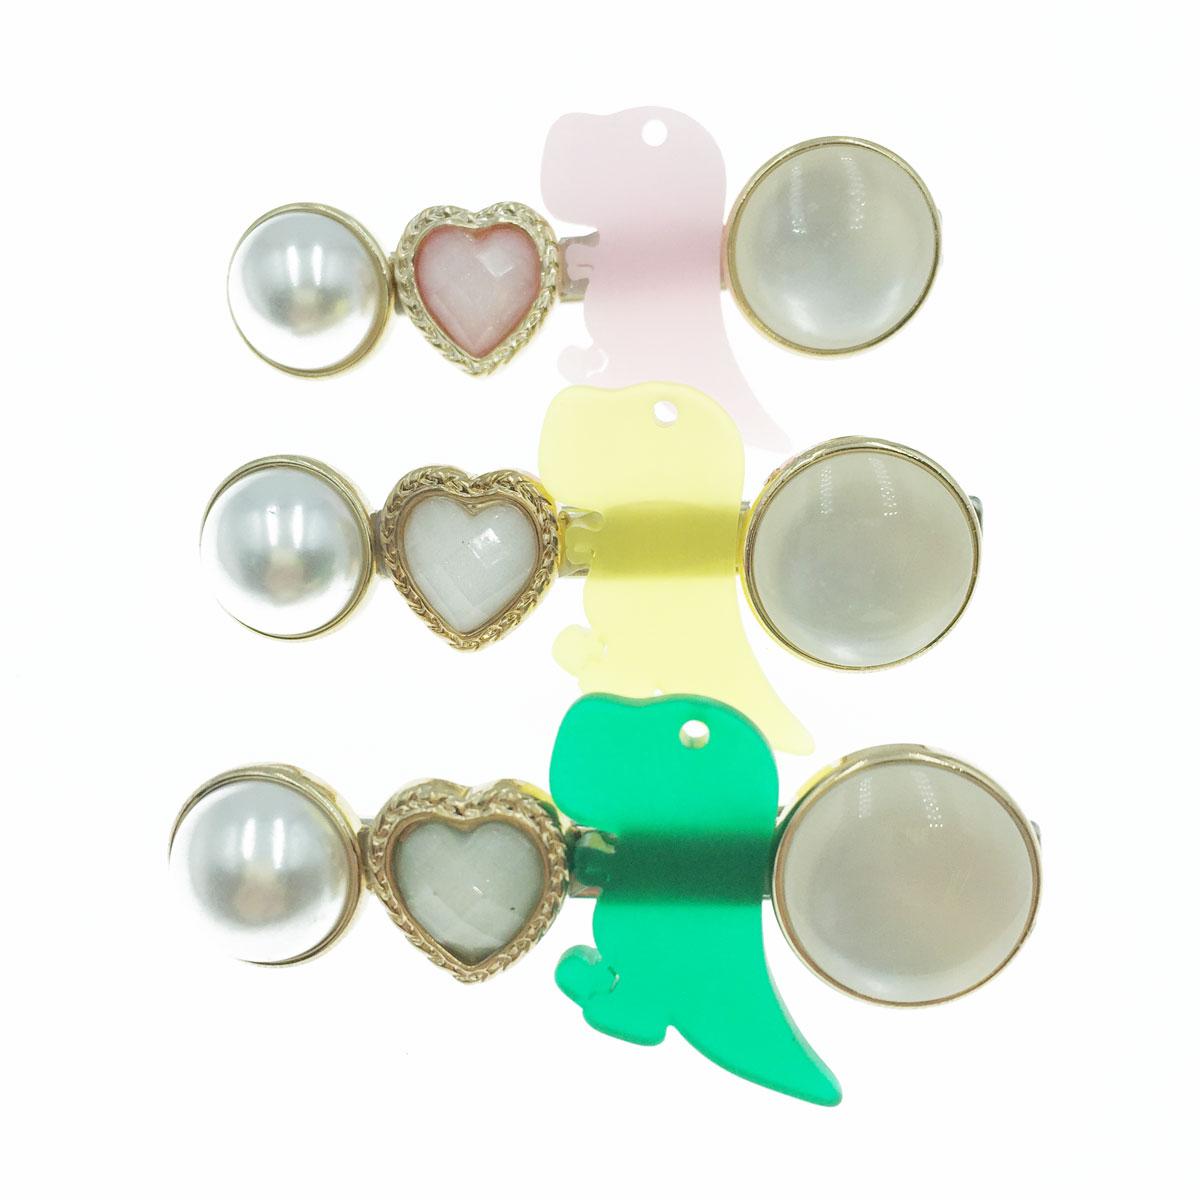 韓國 寶石 愛心 金屬 珍珠 恐龍 造型 三色 壓夾 髮飾